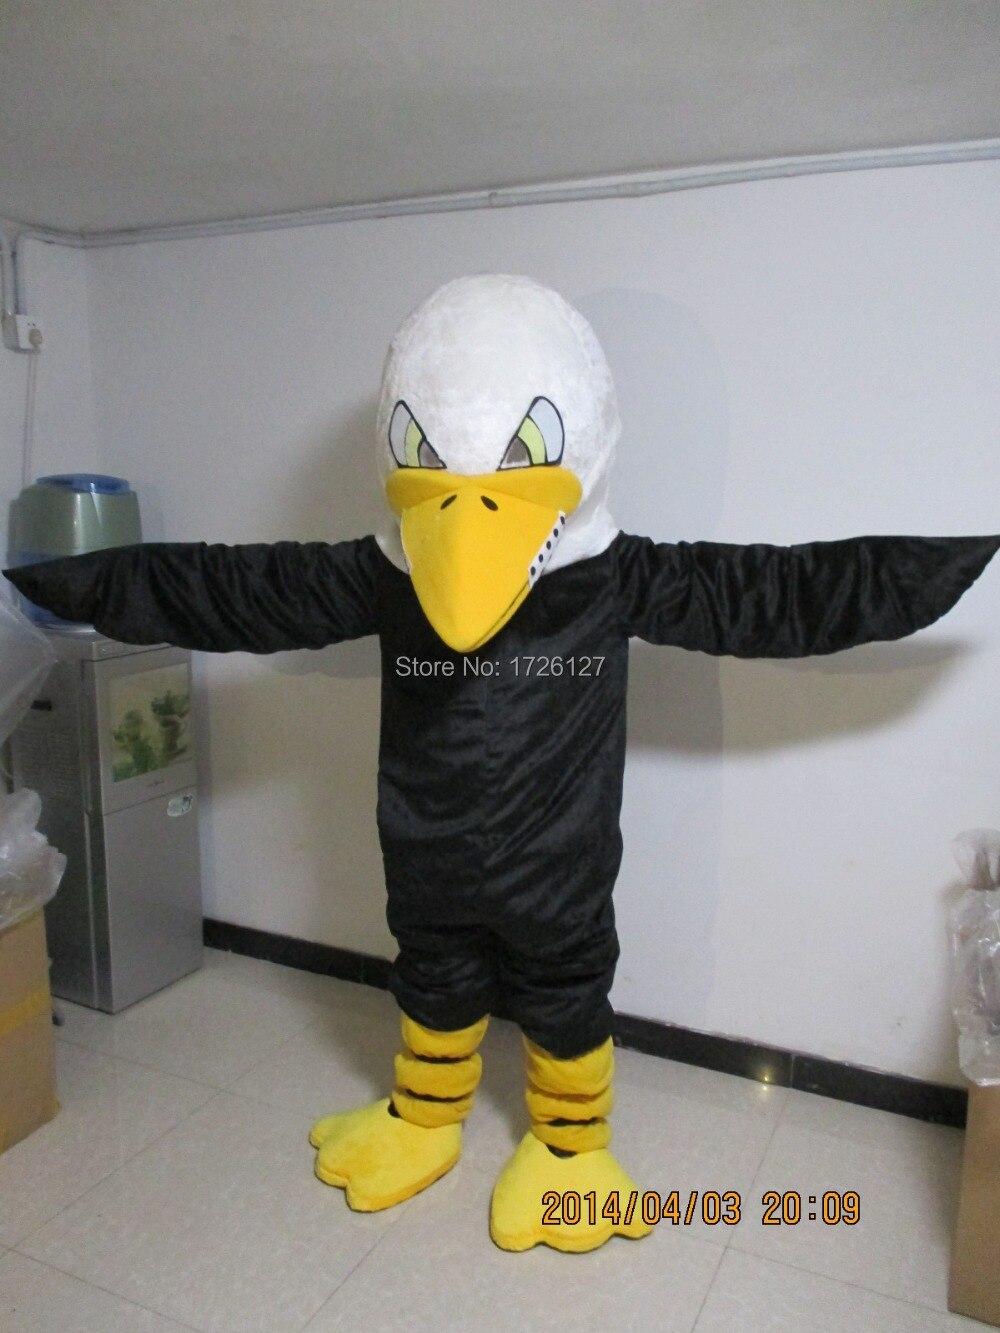 Aigle mascotte faucon faucon mascotte costume personnalisé fantaisie costume anime cosplay kit mascotte thème déguisement carnaval costume